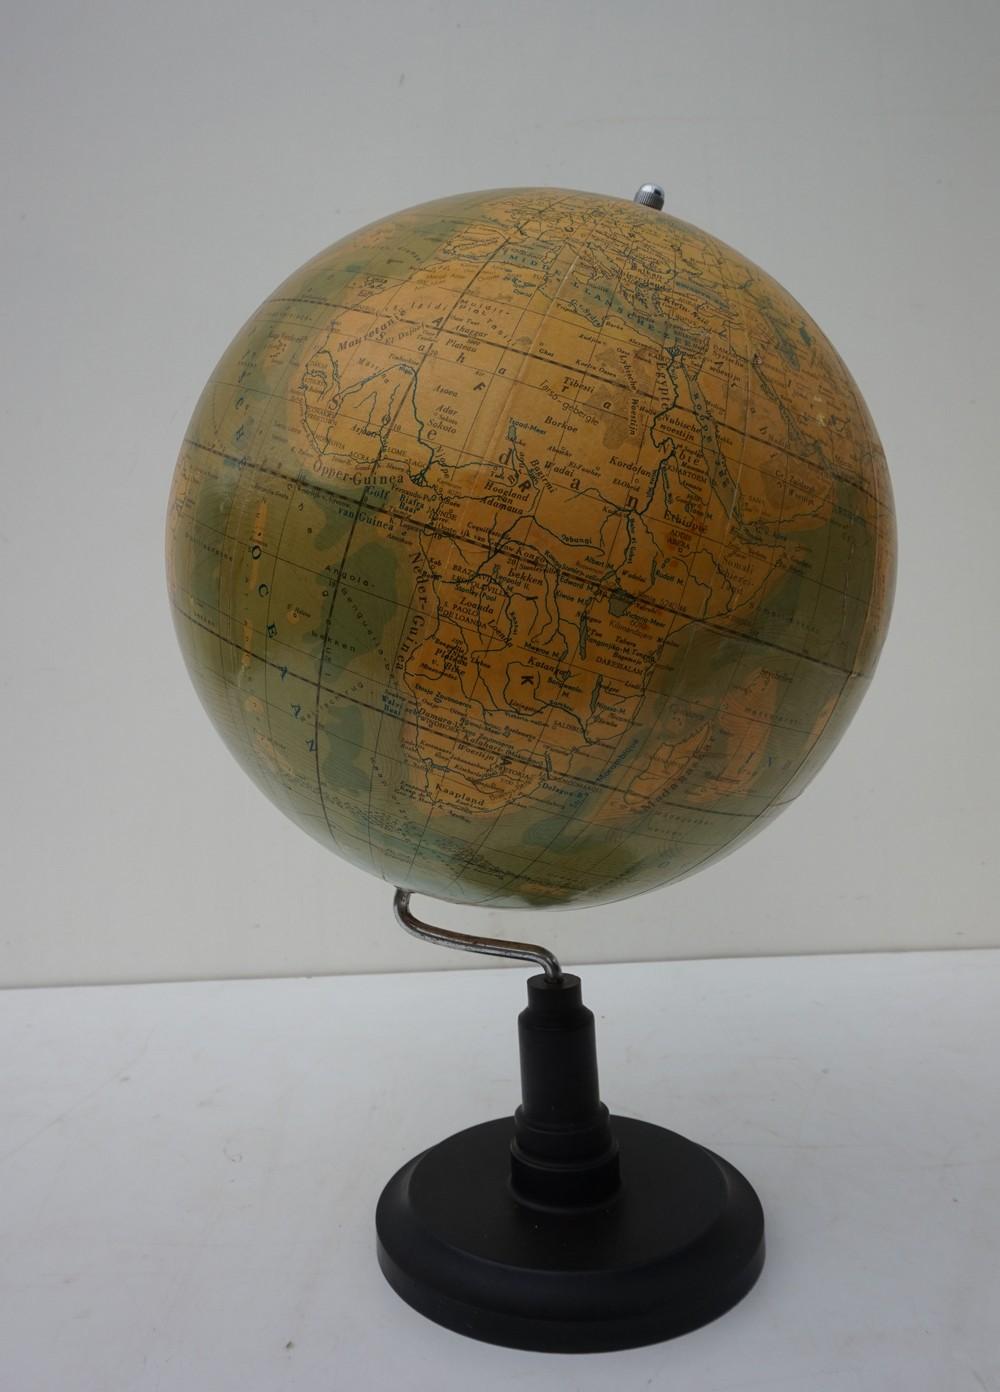 Verrassend Antique vintage bakelite globe of Dutch make, circa 1940 UC-09